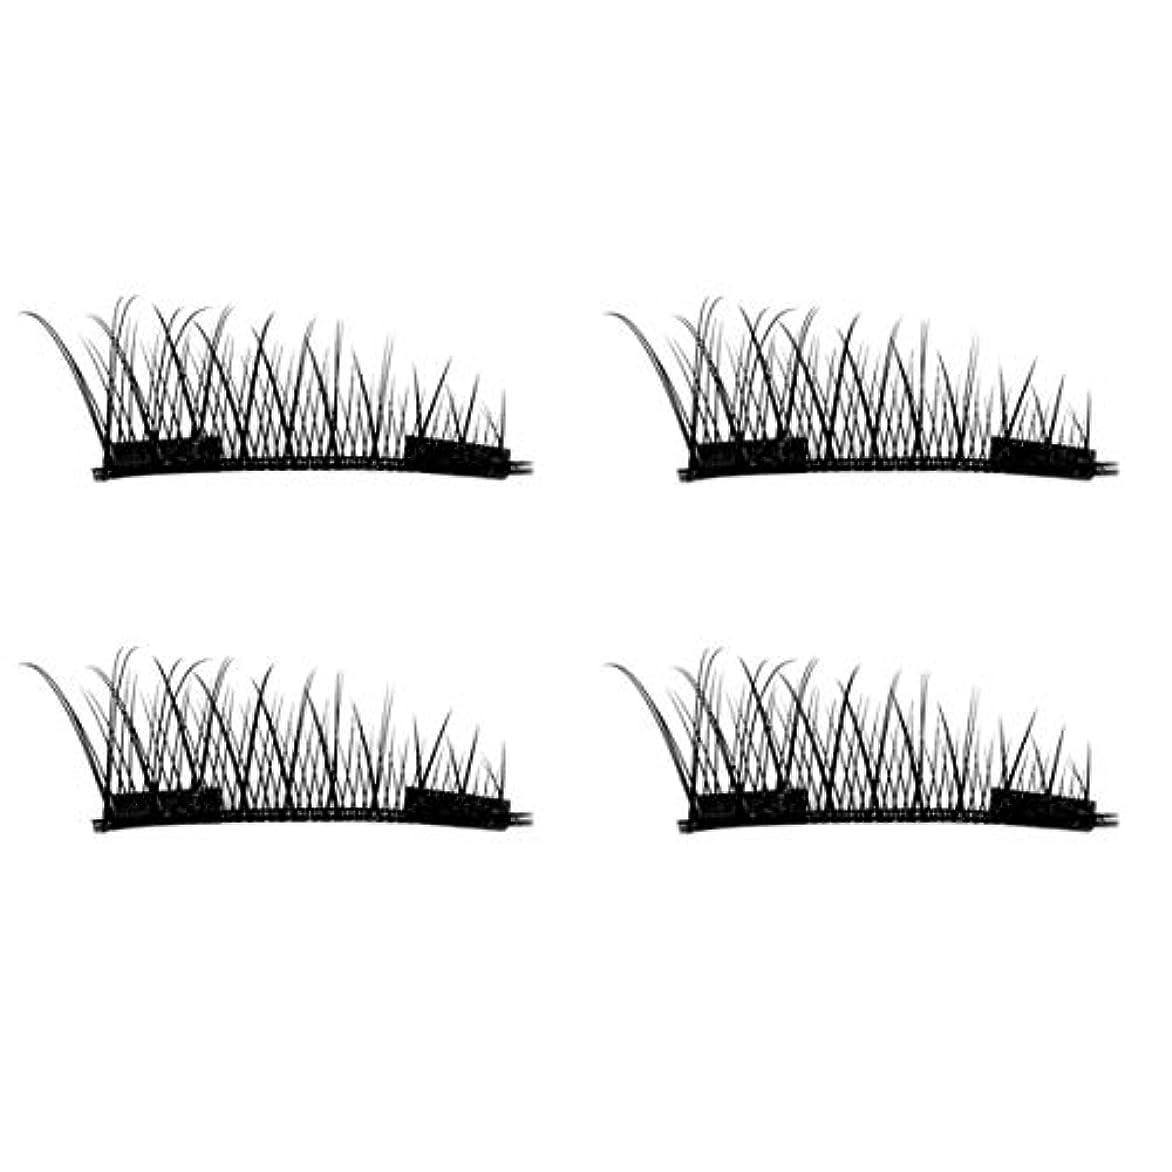 政策脚本れるIntercorey 4PCS / 2ペアナチュラルシックアイまつ毛のりのない3D磁気女性アイメイク美容シックロングつけまつげ